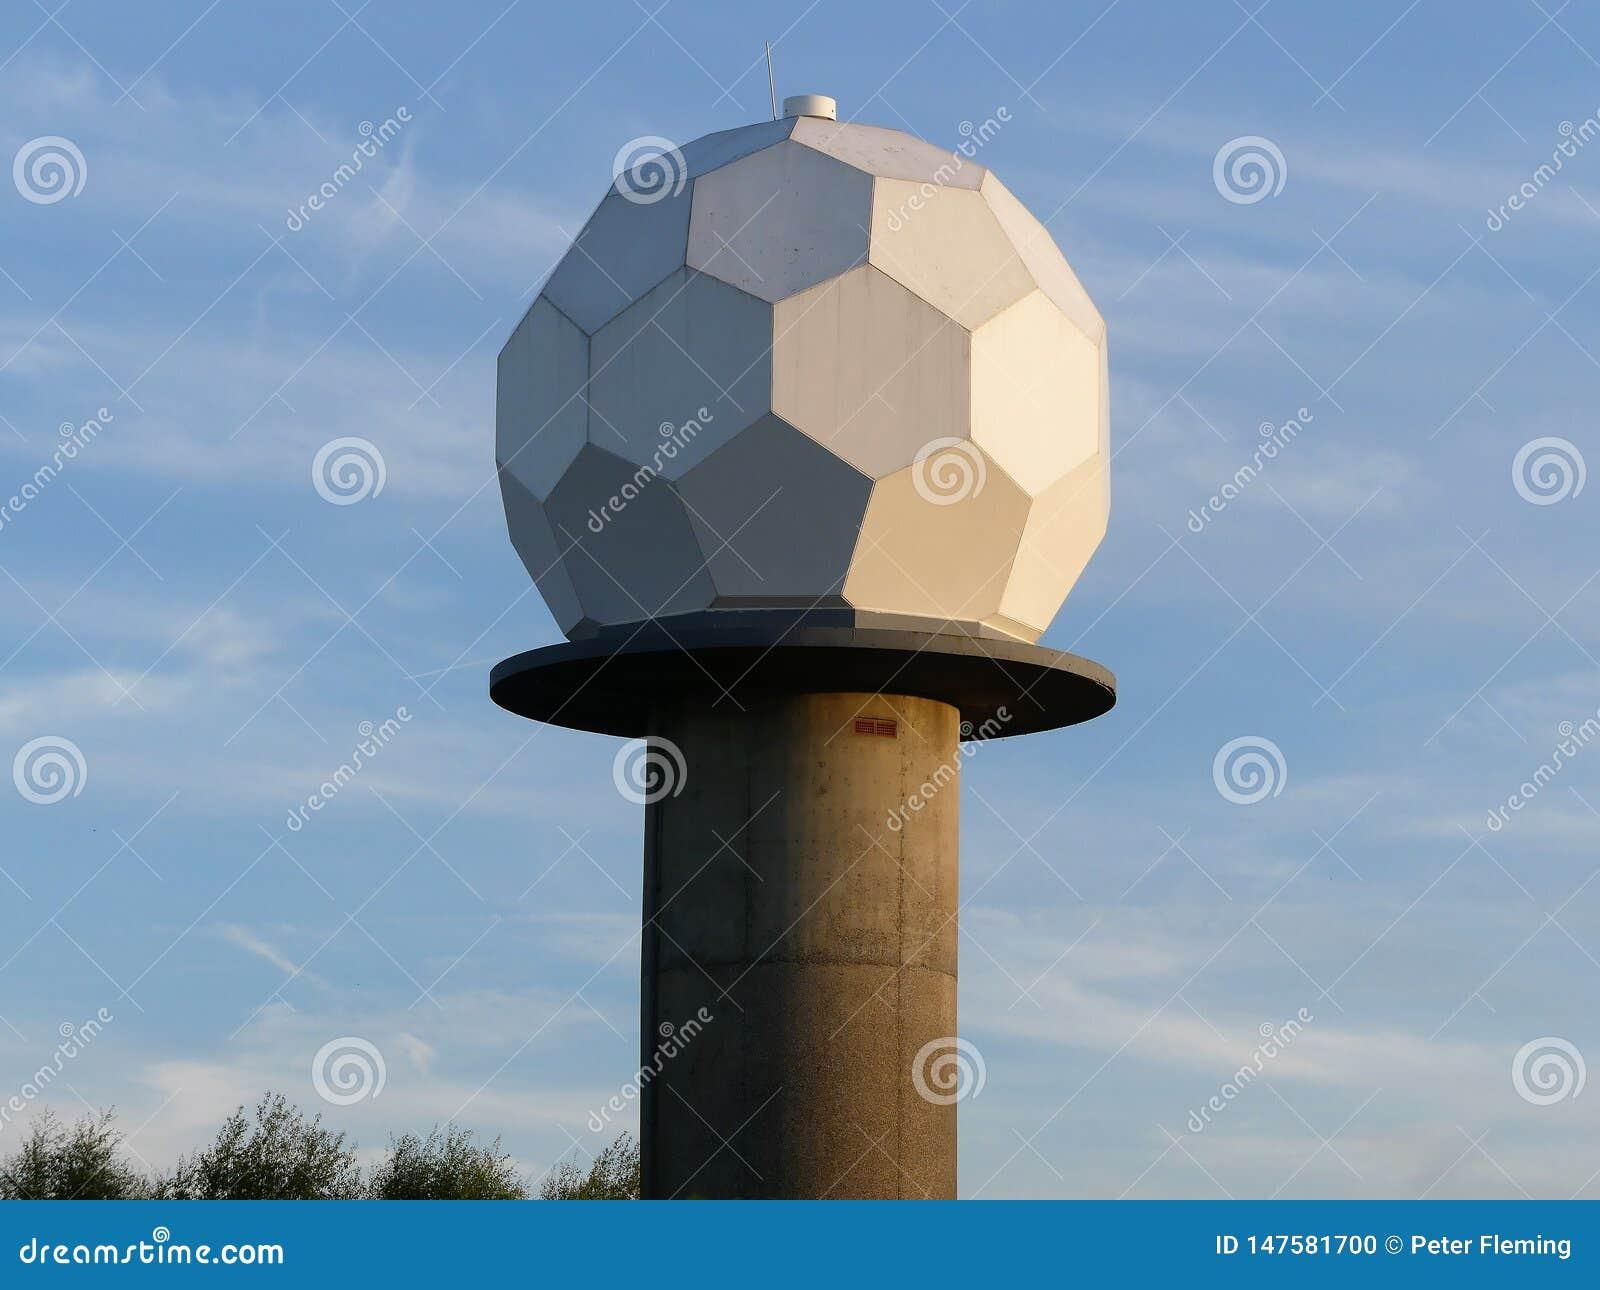 Met Office Chenies v?derradar med en utformad Radome ?f?r golfboll ?